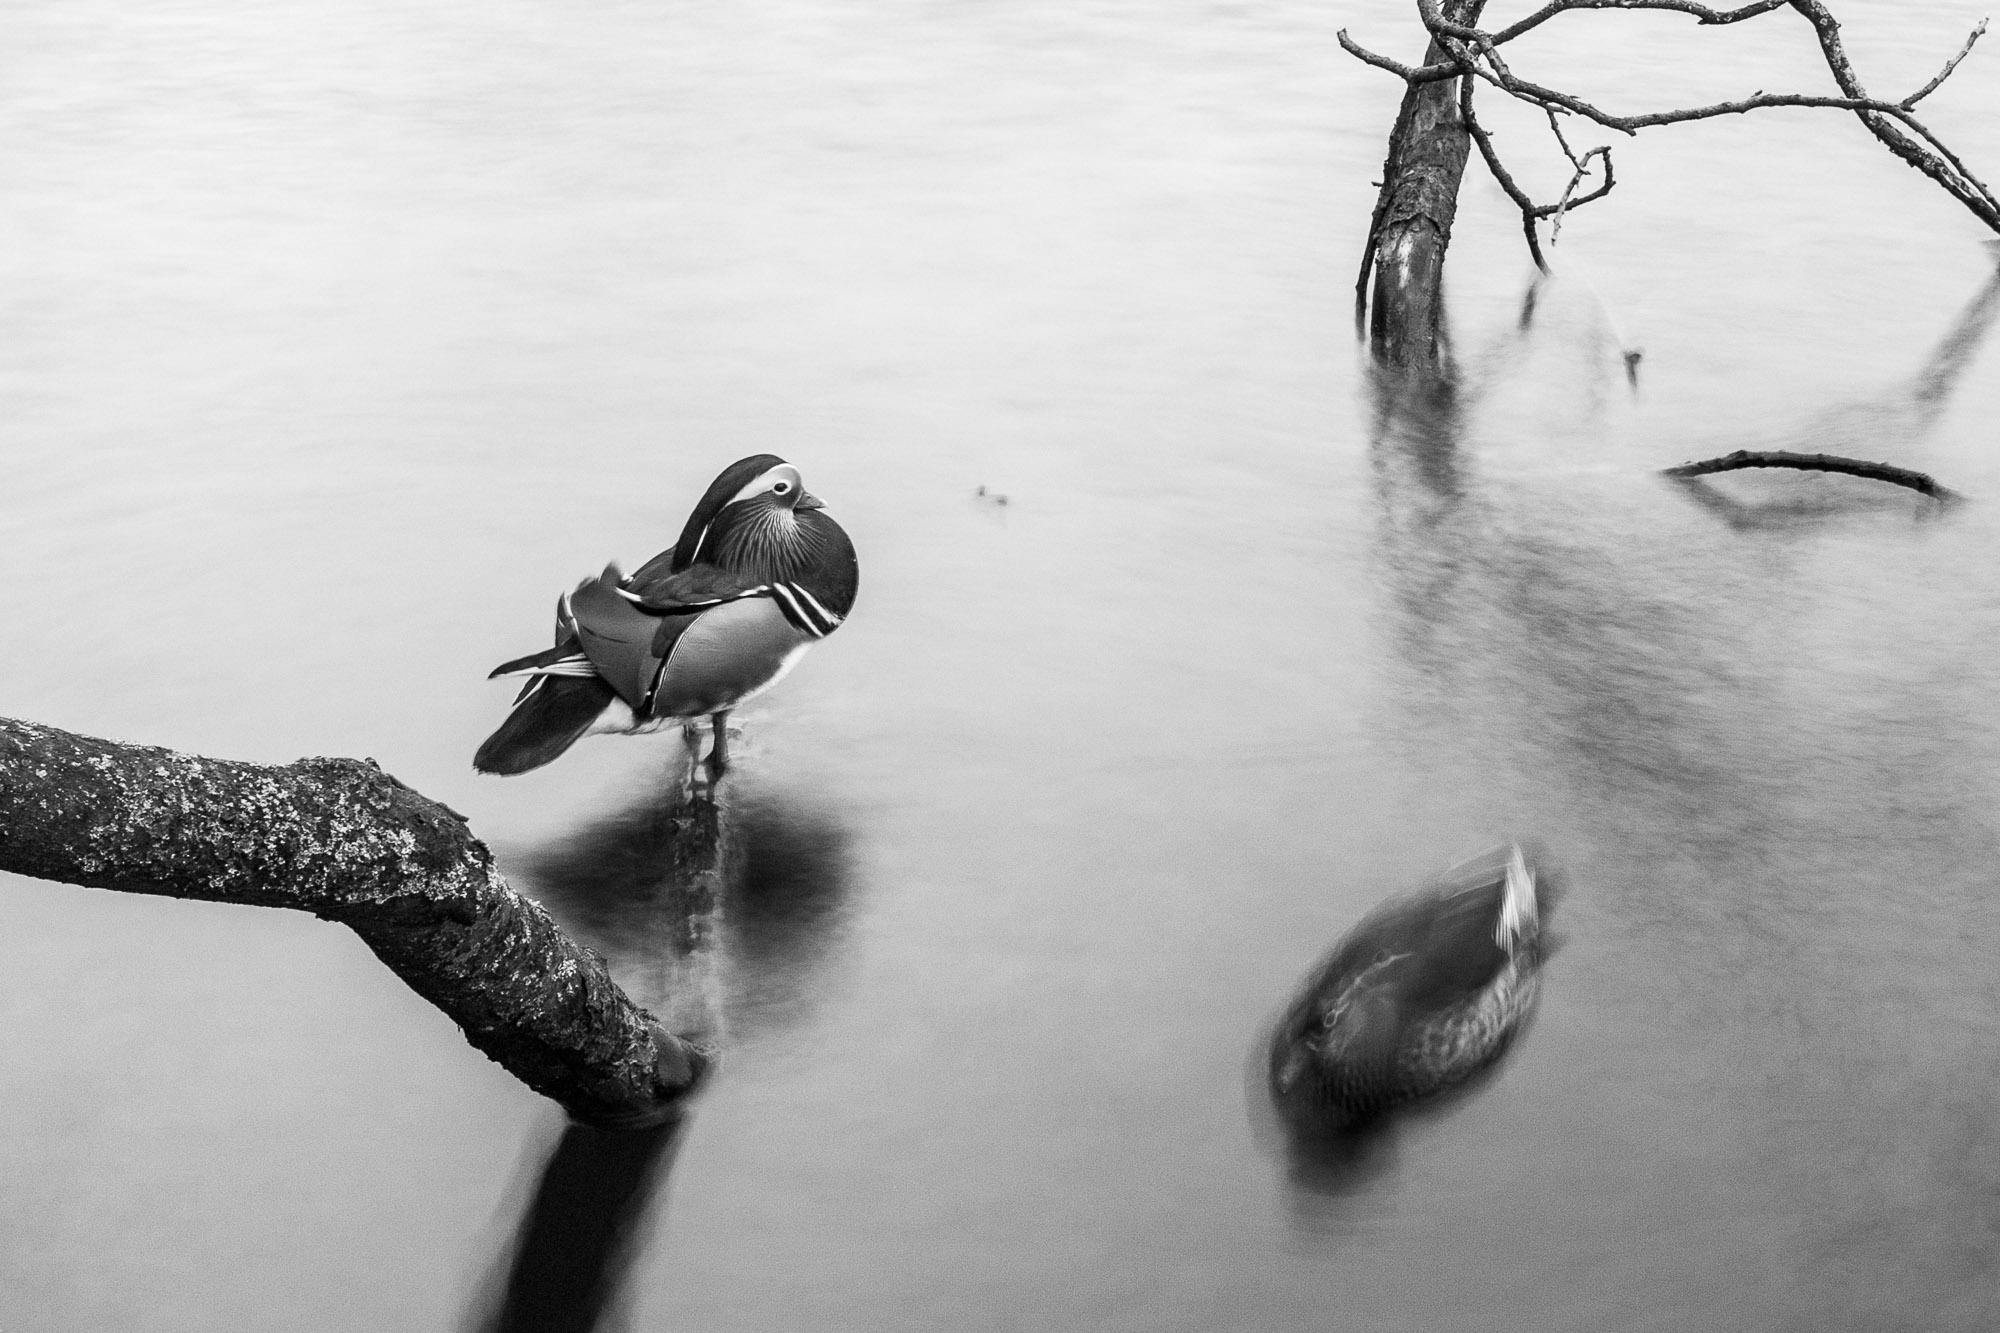 #4 Birdwatching